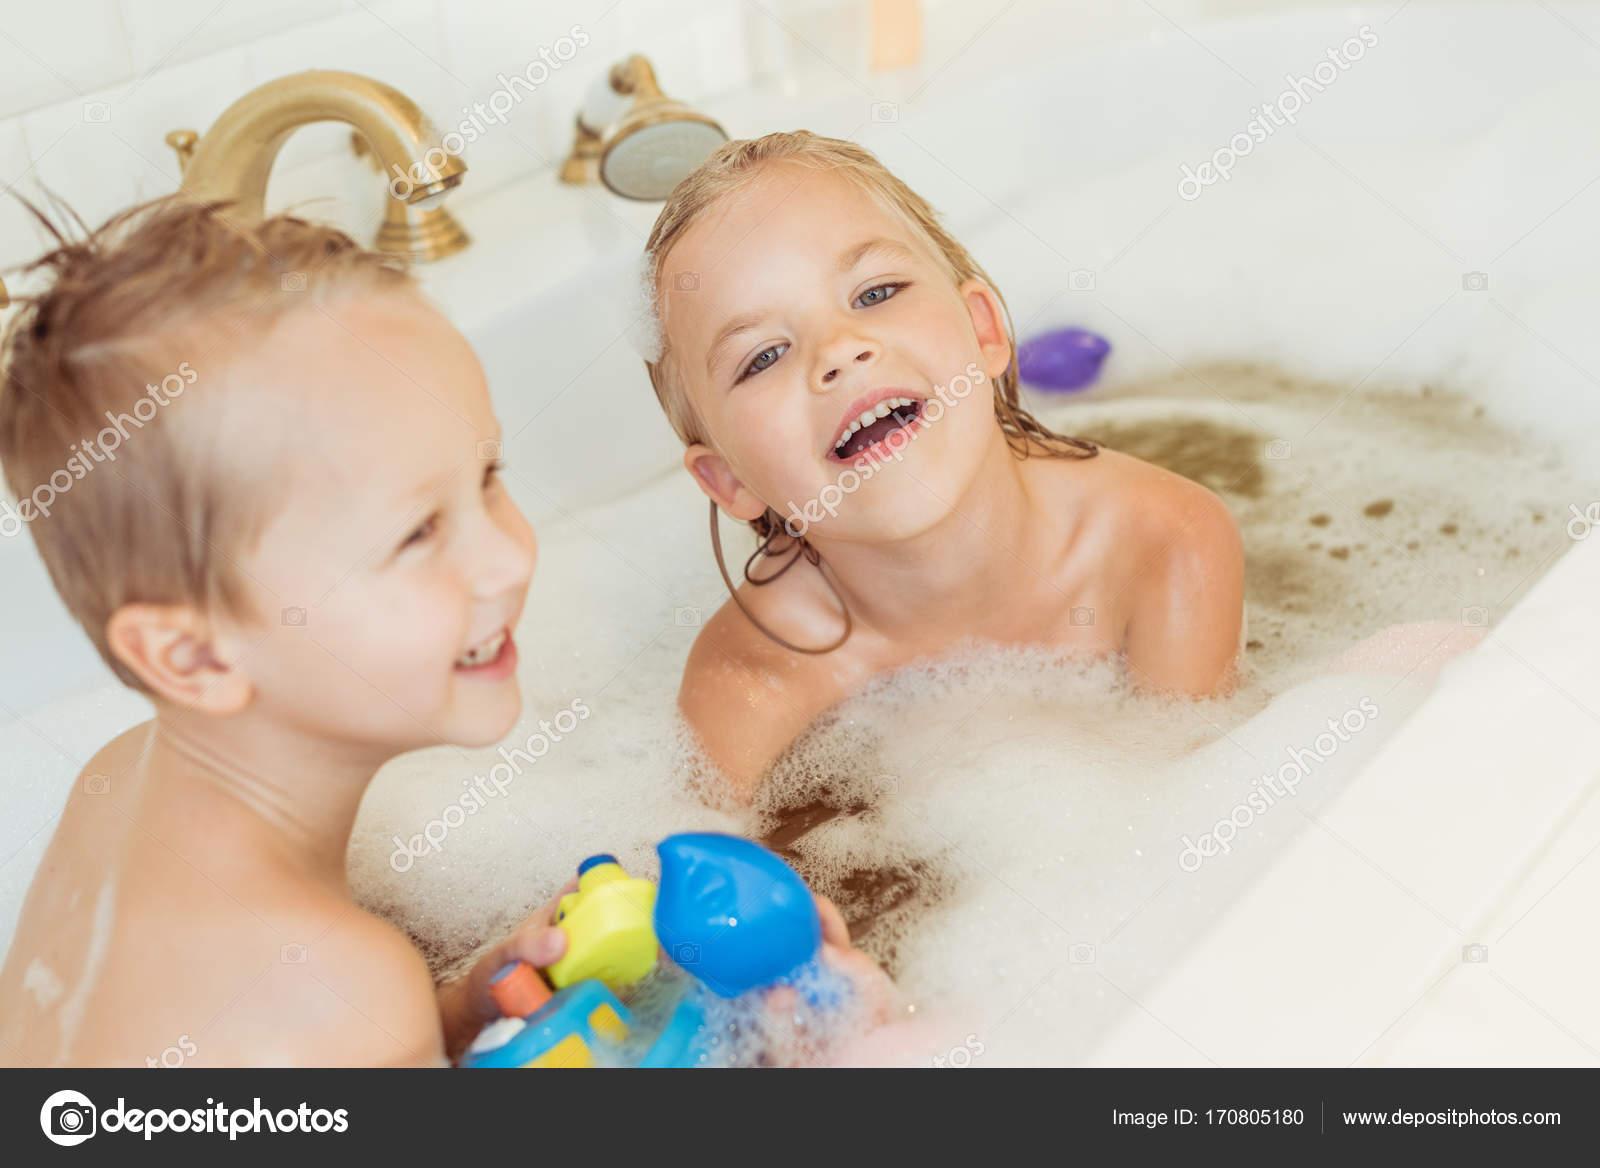 Vasca Da Bagno Bambini : Bambini che giocano nella vasca da bagno con schiuma u2014 foto stock